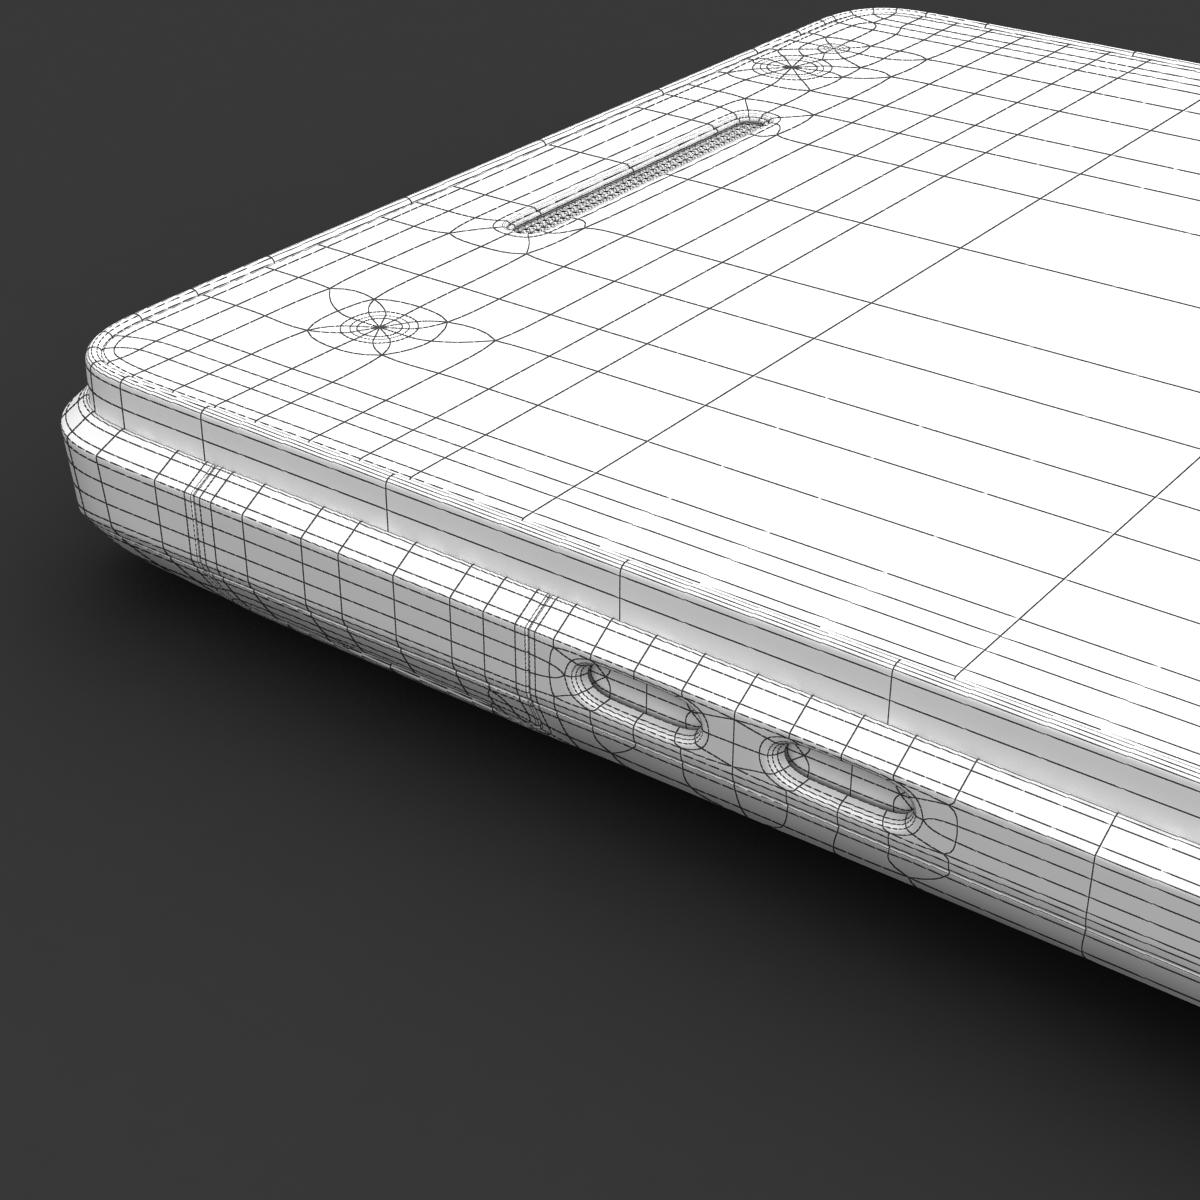 sony xperia v 3d model 3ds max fbx c4d lwo obj 151210